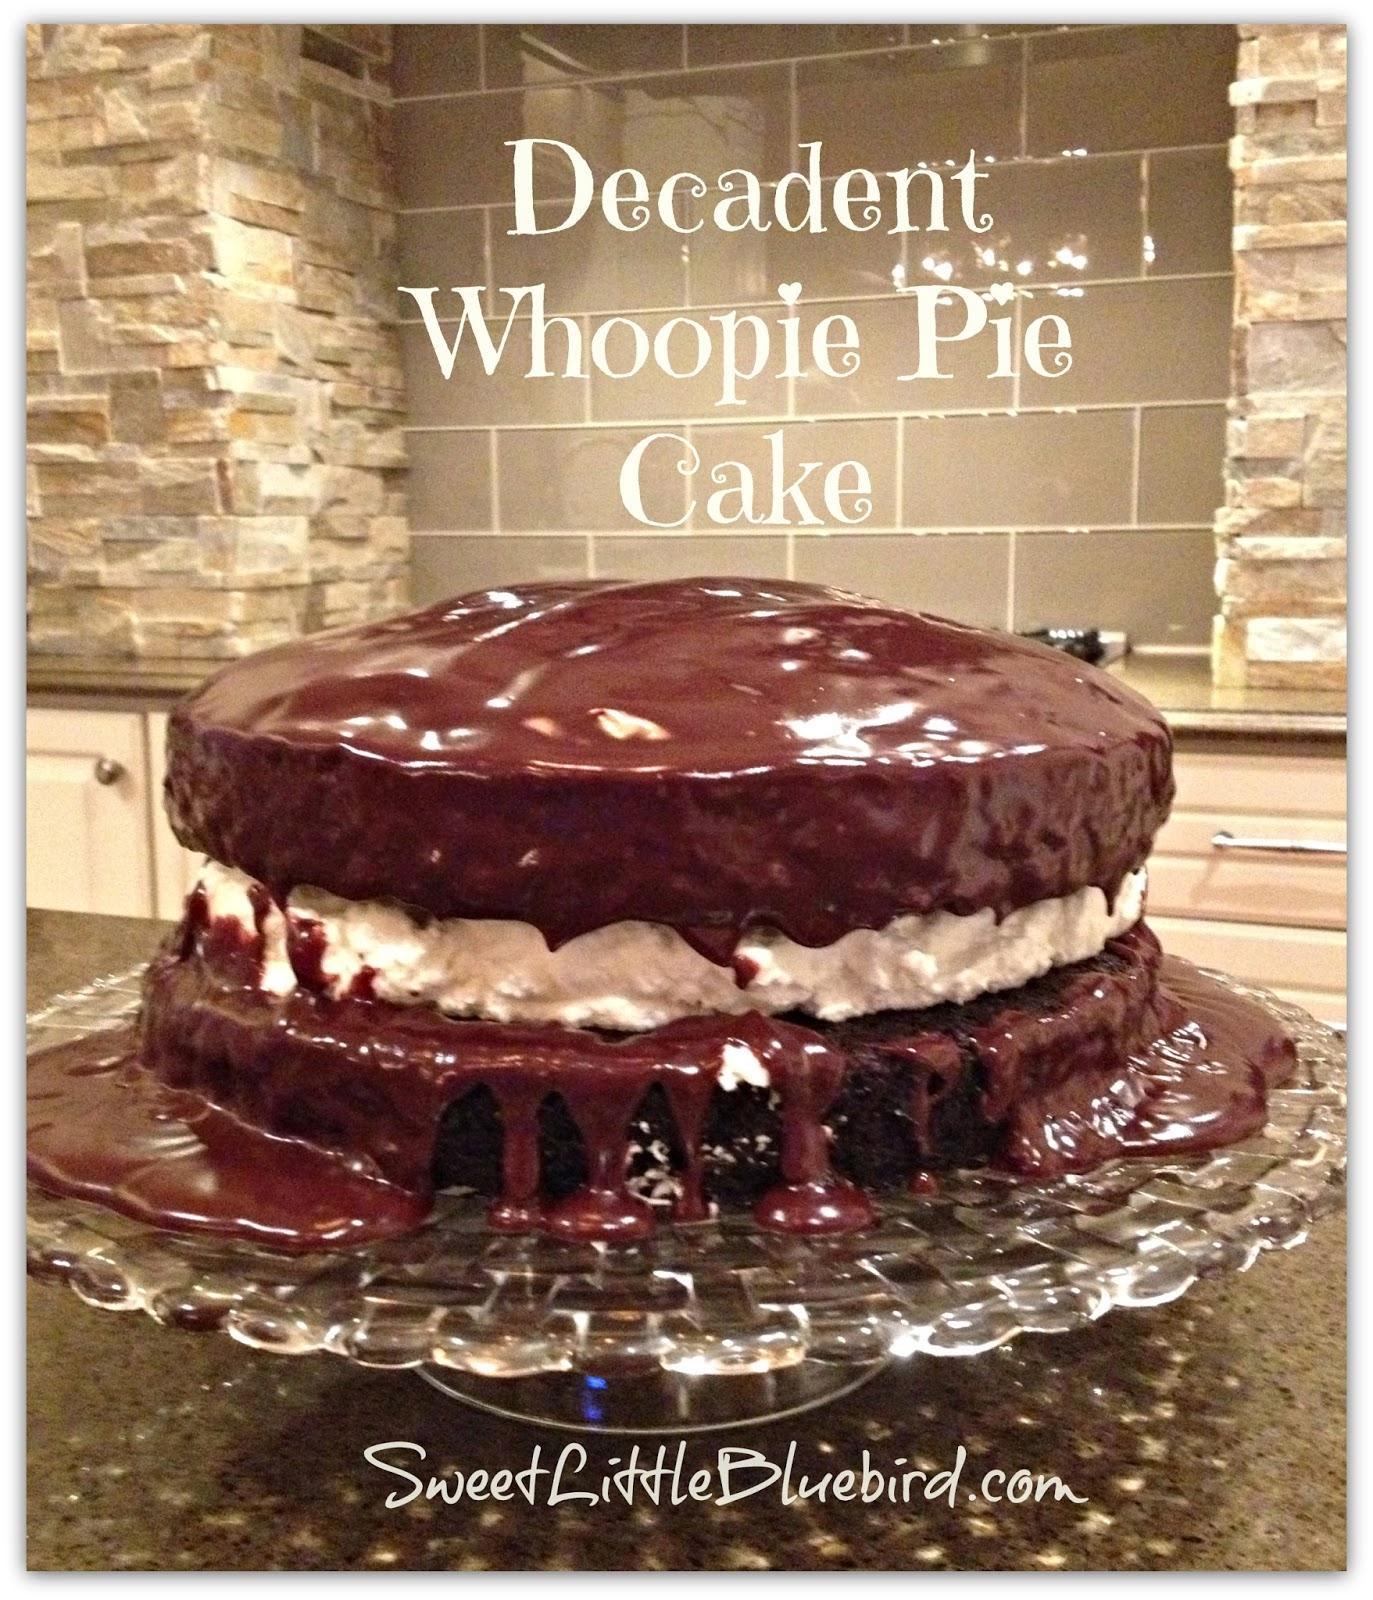 Decadent Whoopie Pie Cake